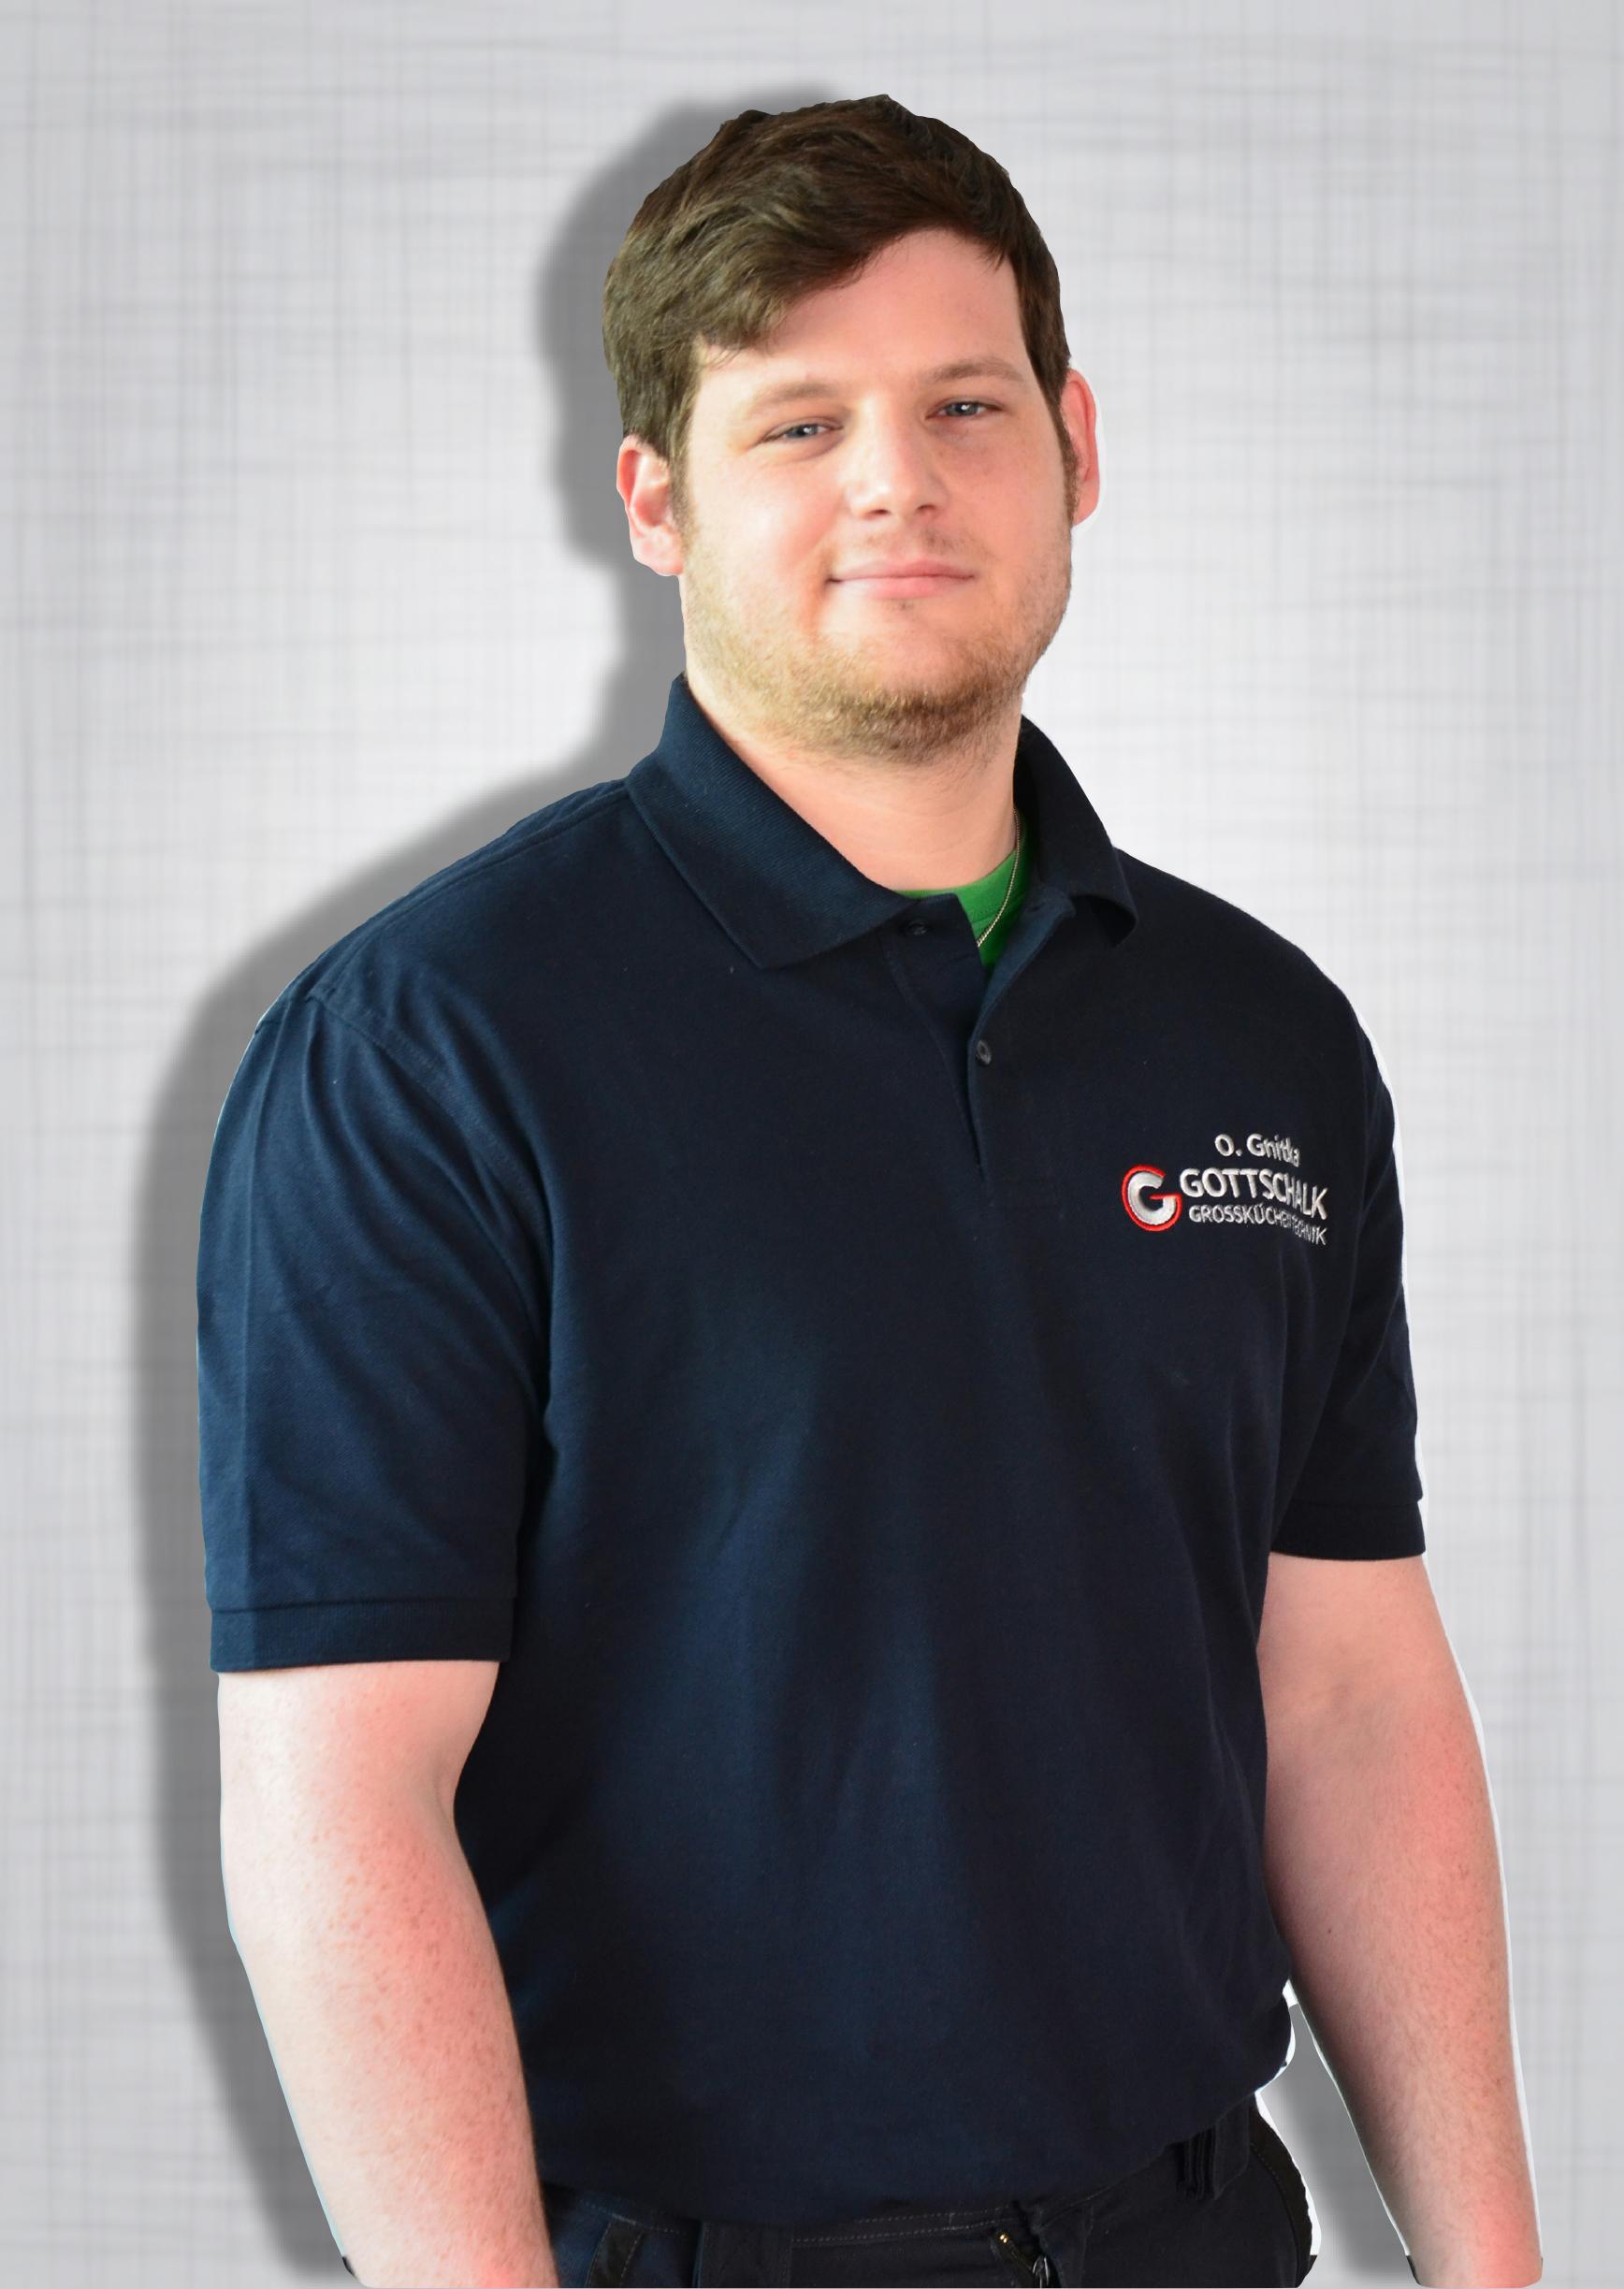 """Ole Gnitka verstärkt das Team seit 2015 als Servicetechniker. Sein Held aus Kindetagen ist Darkwing Duck. Und was sagt Darkwing zu den Bösen? """"Ich bin der Dosenöffner an der Sardinenbüchse der Gerechtigkeit!"""" Um seinem Helden noch ein Stück näher zu kommen beweist er in seiner Freizeit viel Weitblick beim Bogenschießen."""